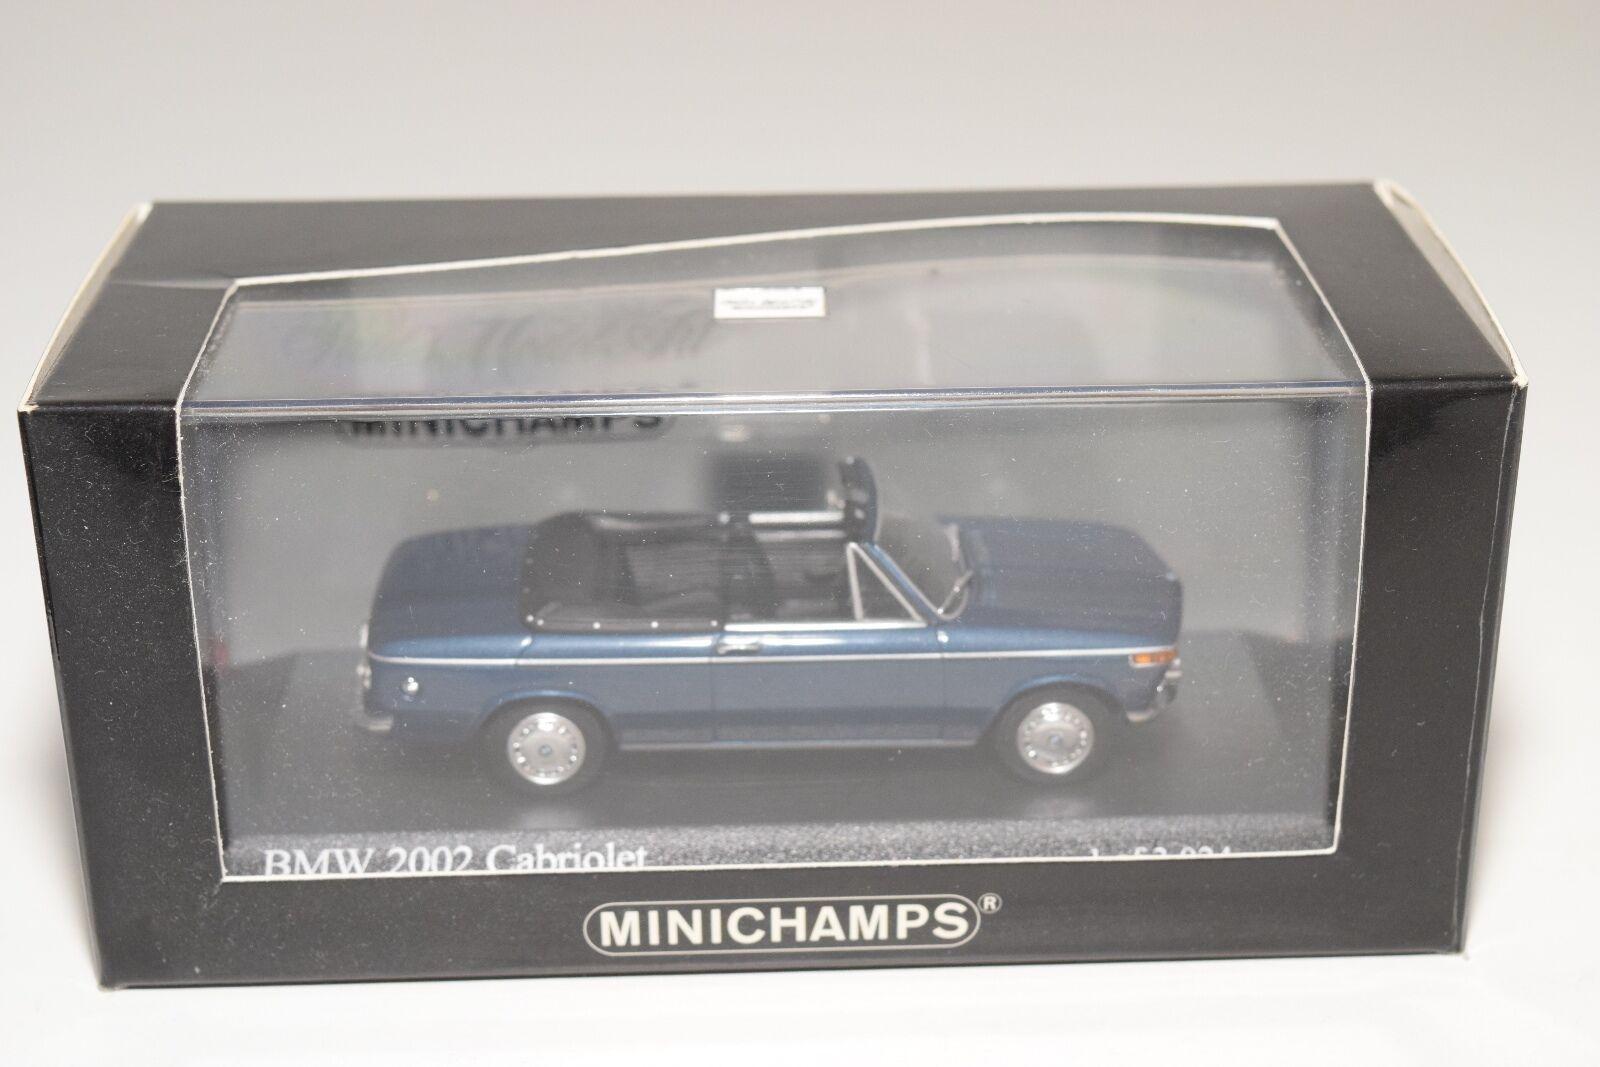 . MINICHAMPS BMW BMW BMW 2002 E10 CABRIOLET 1971 METALLIC blueE MINT BOXED 95d324